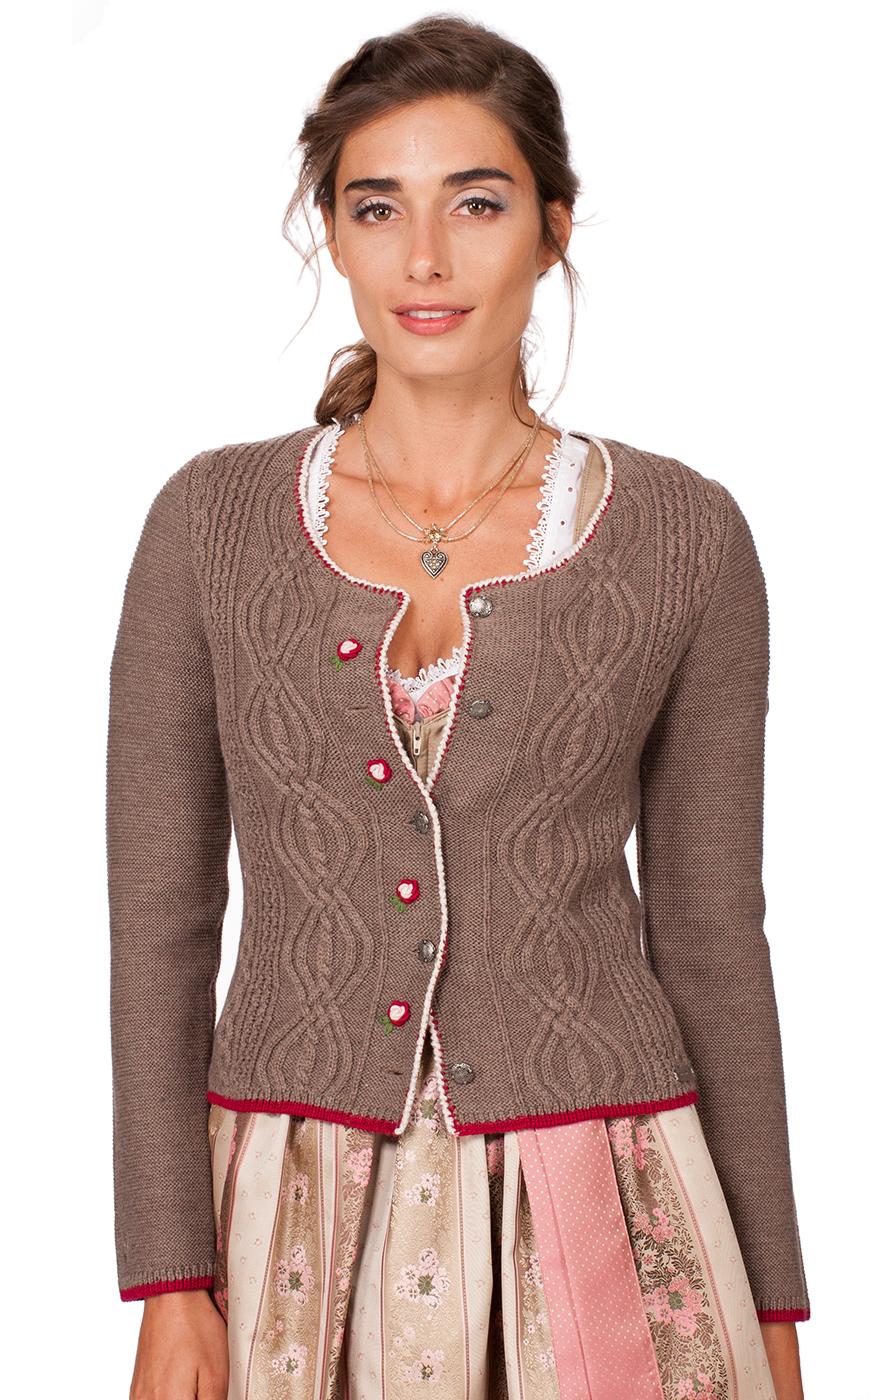 Giacca in maglia per Dirndl Fancy nuss von Spieth & Wensky